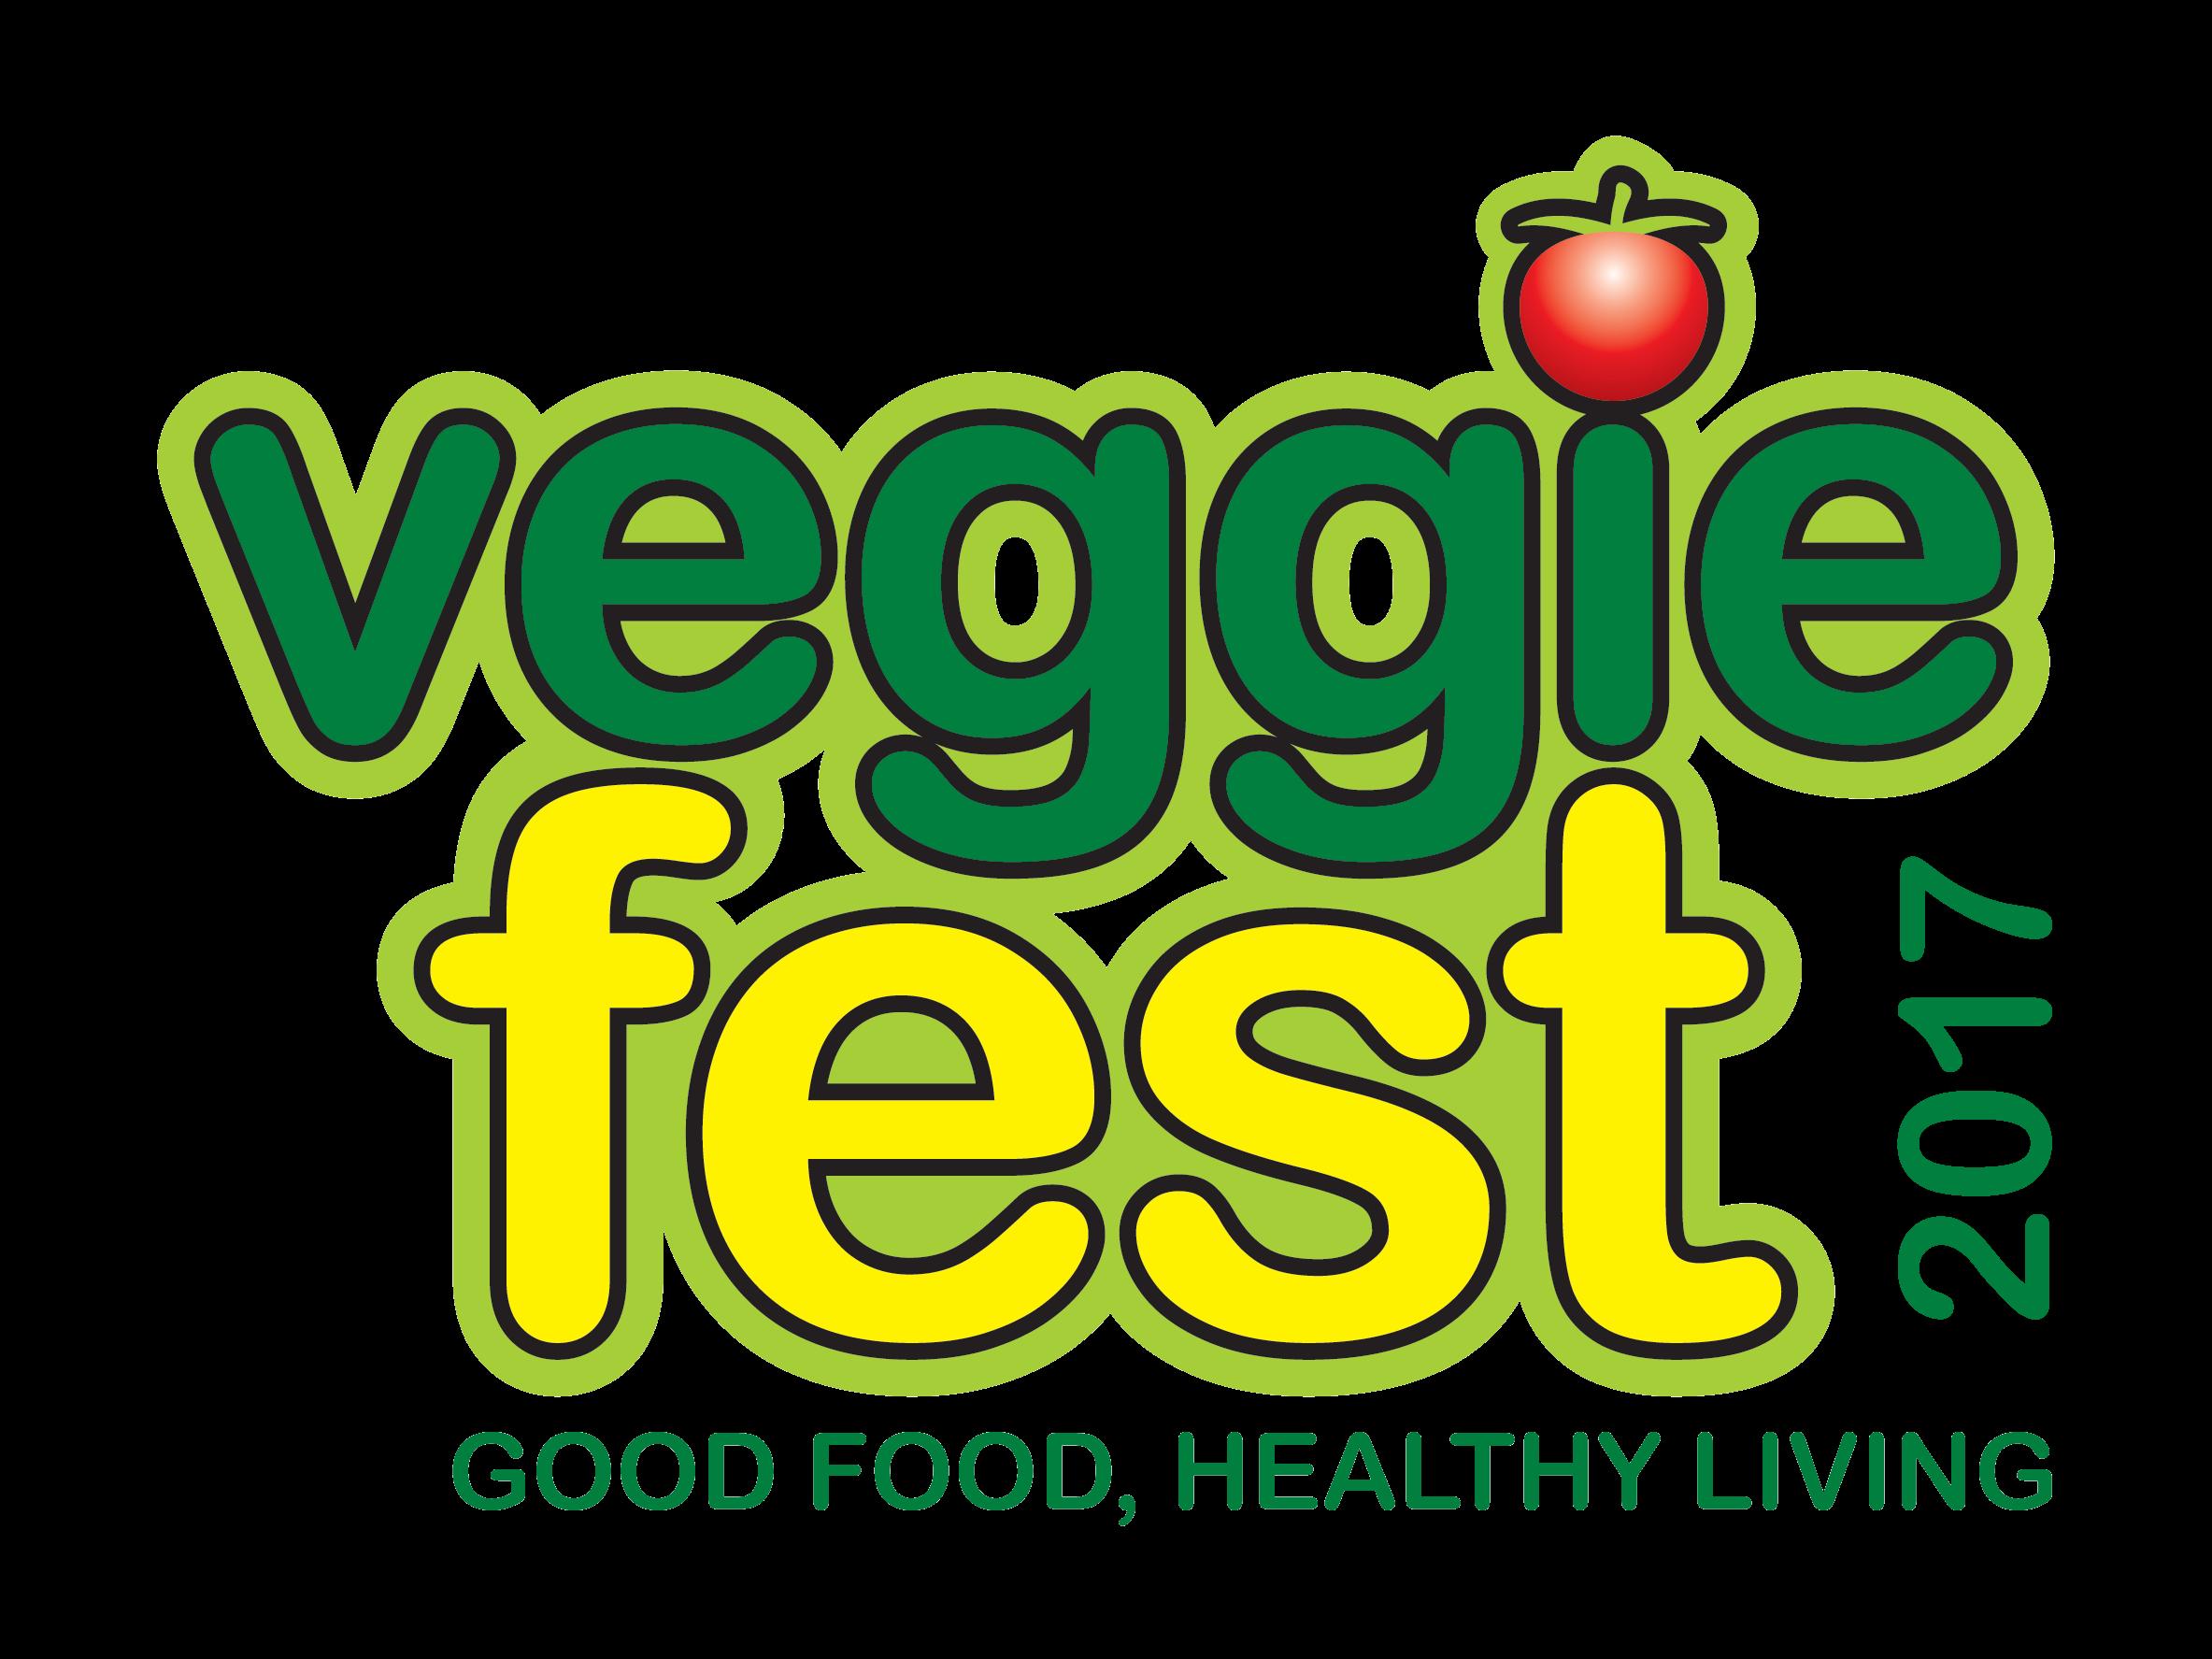 VeggieFest 2017 is this weekend!